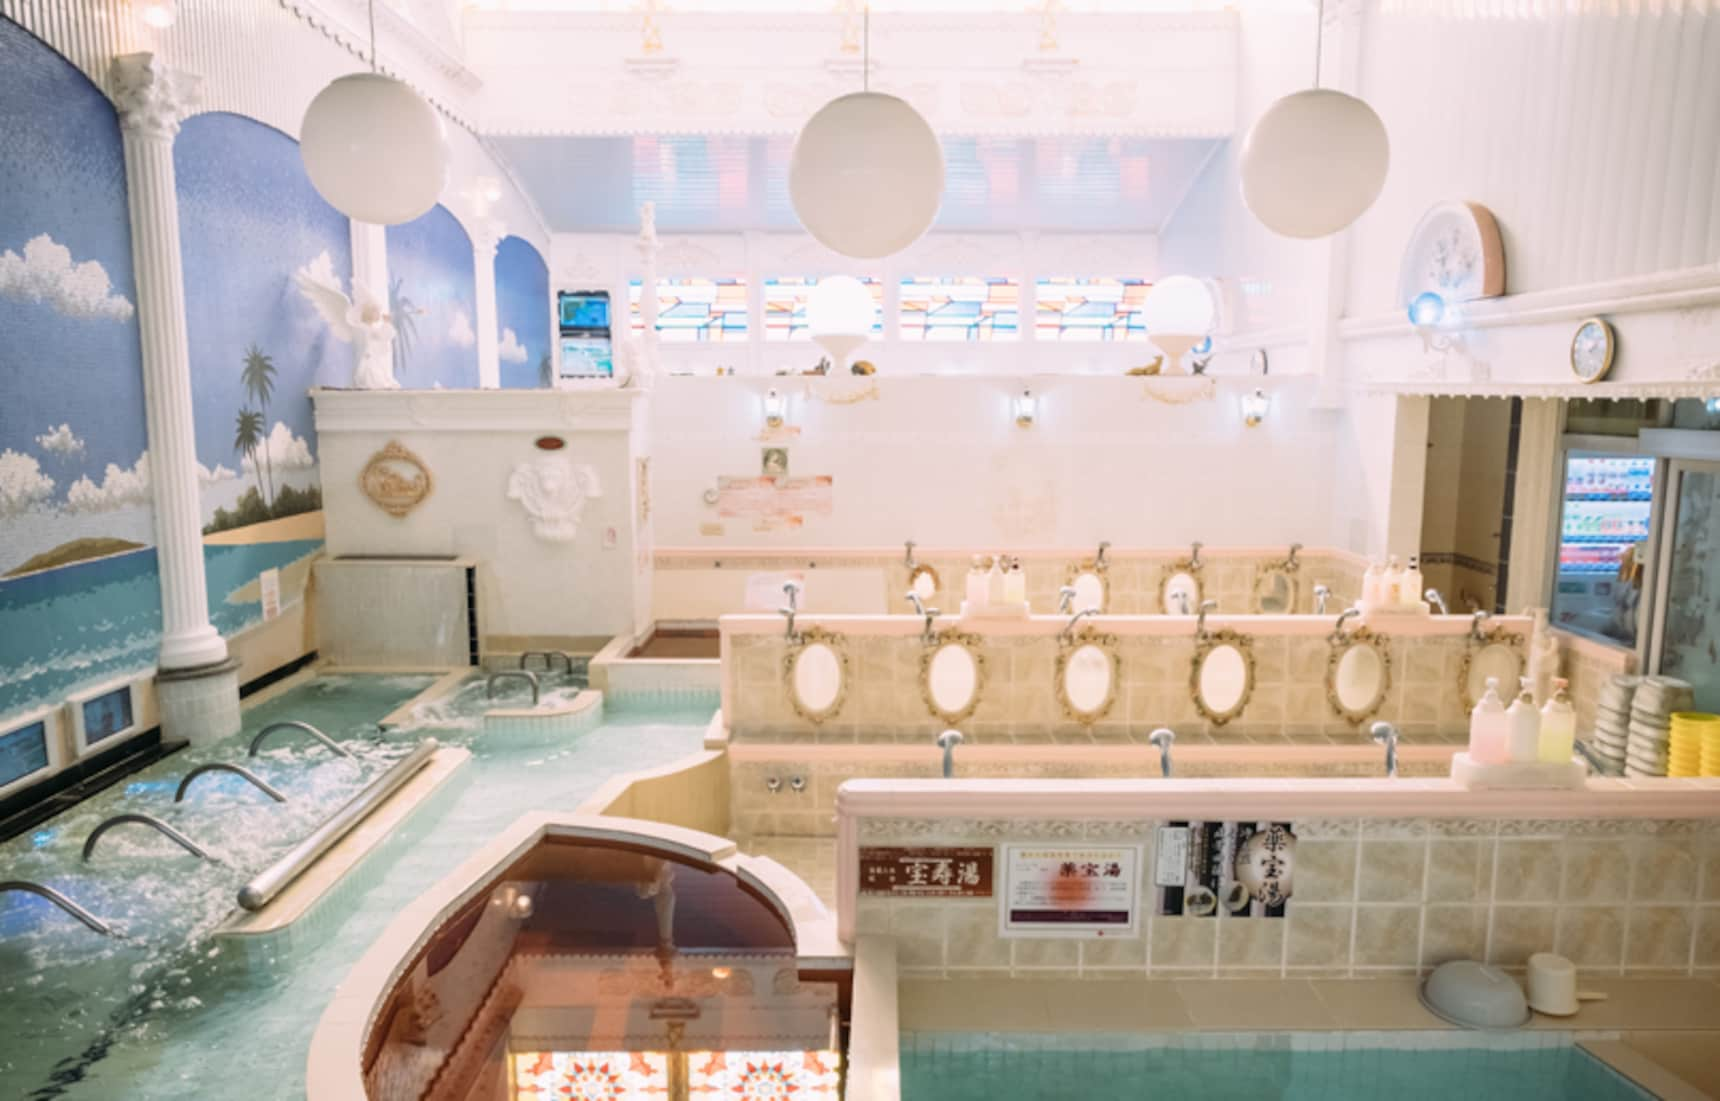 日本傳統浴場玩轉創意!東京「小杉湯」發起online線上泡湯